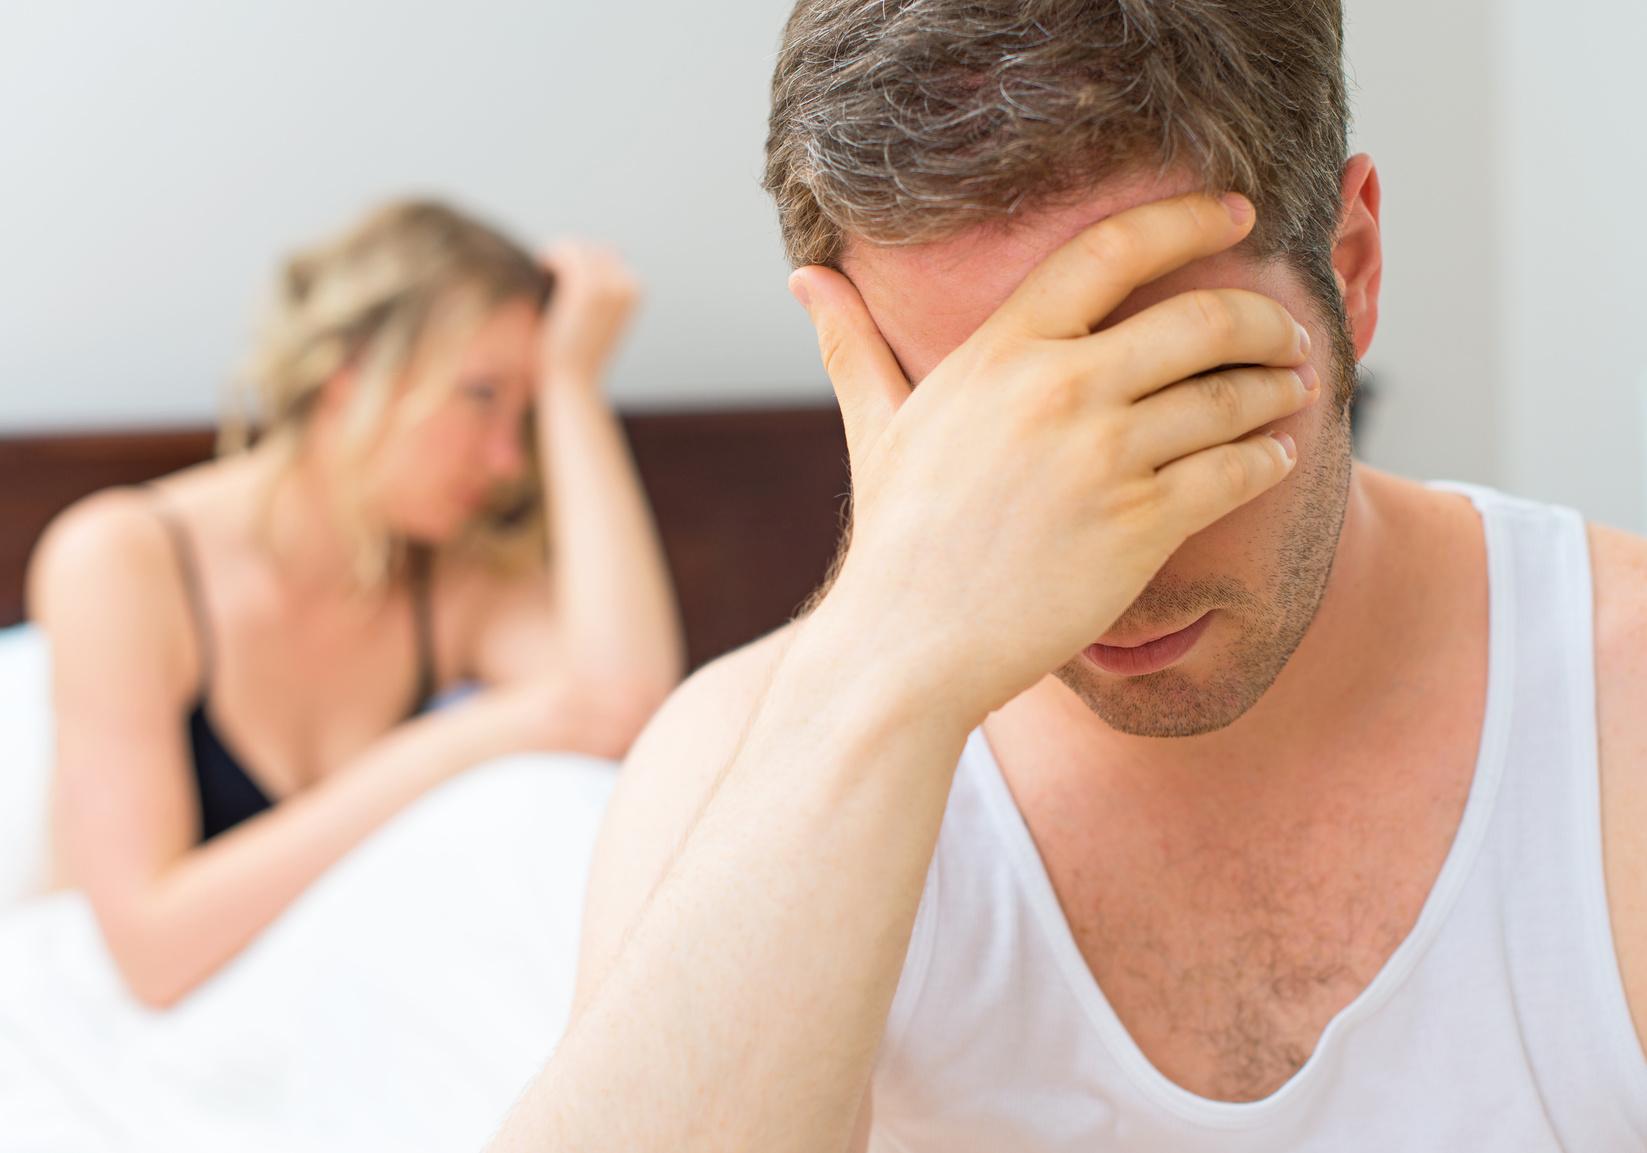 передается ли гепатит через секс